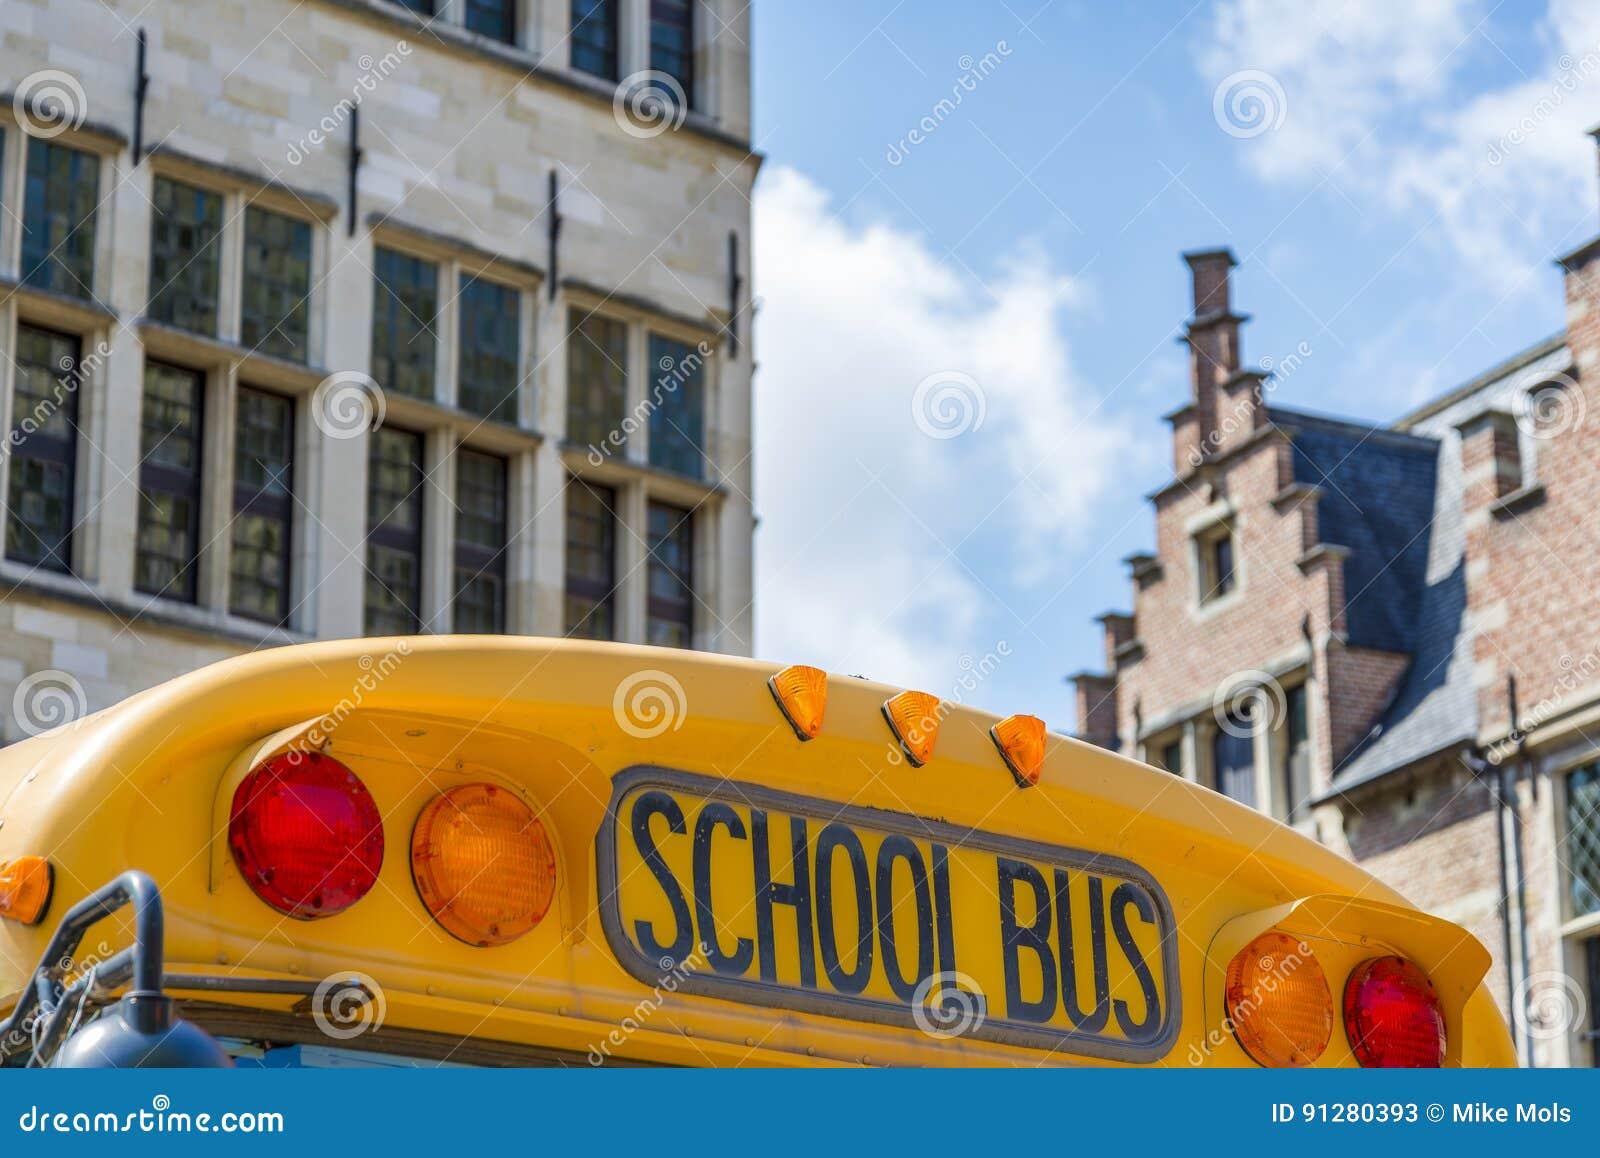 Gammal schoolbus